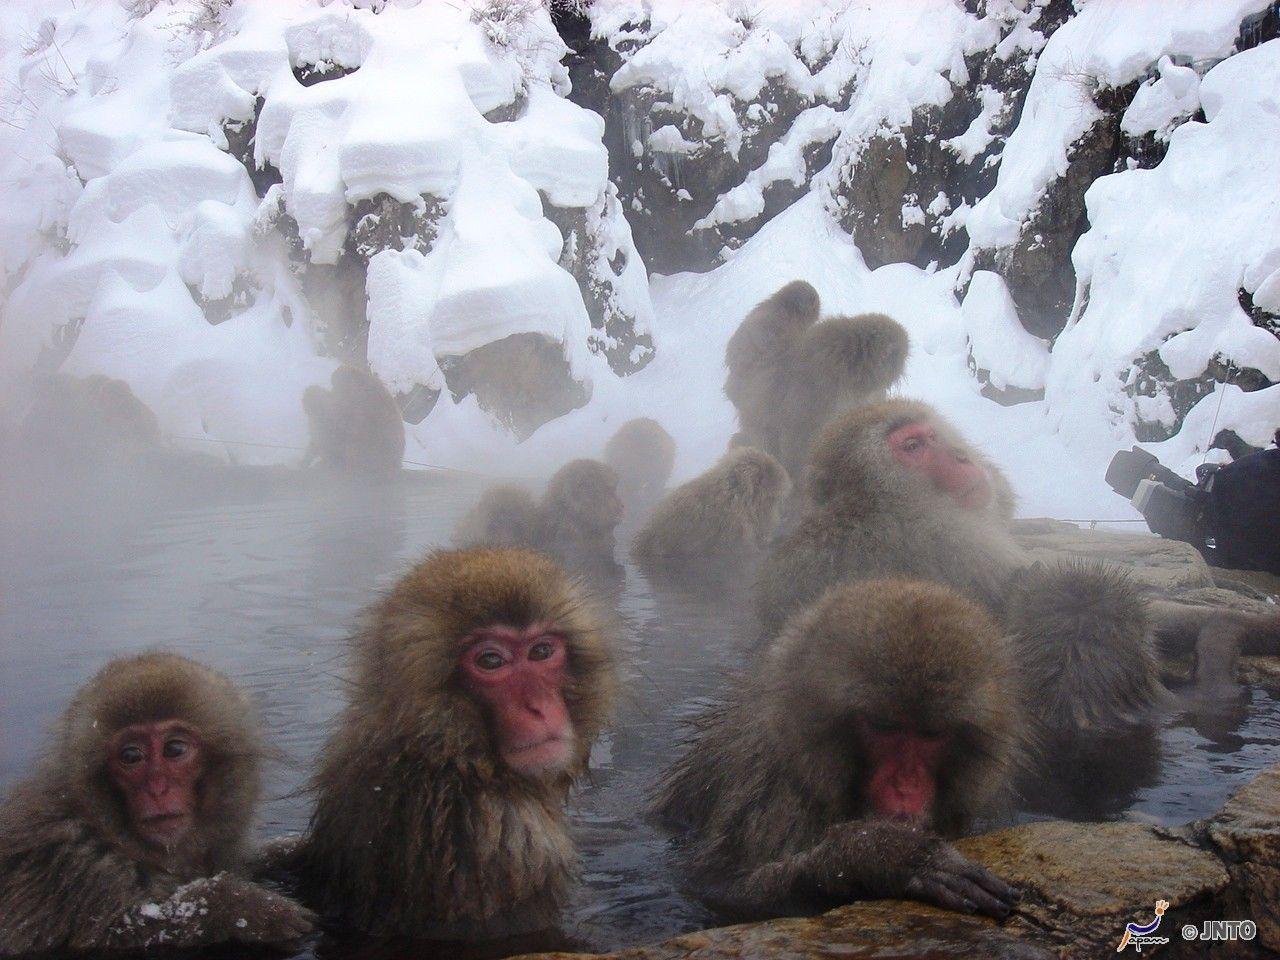 Un bagno caldo nella neve  Projectmanu